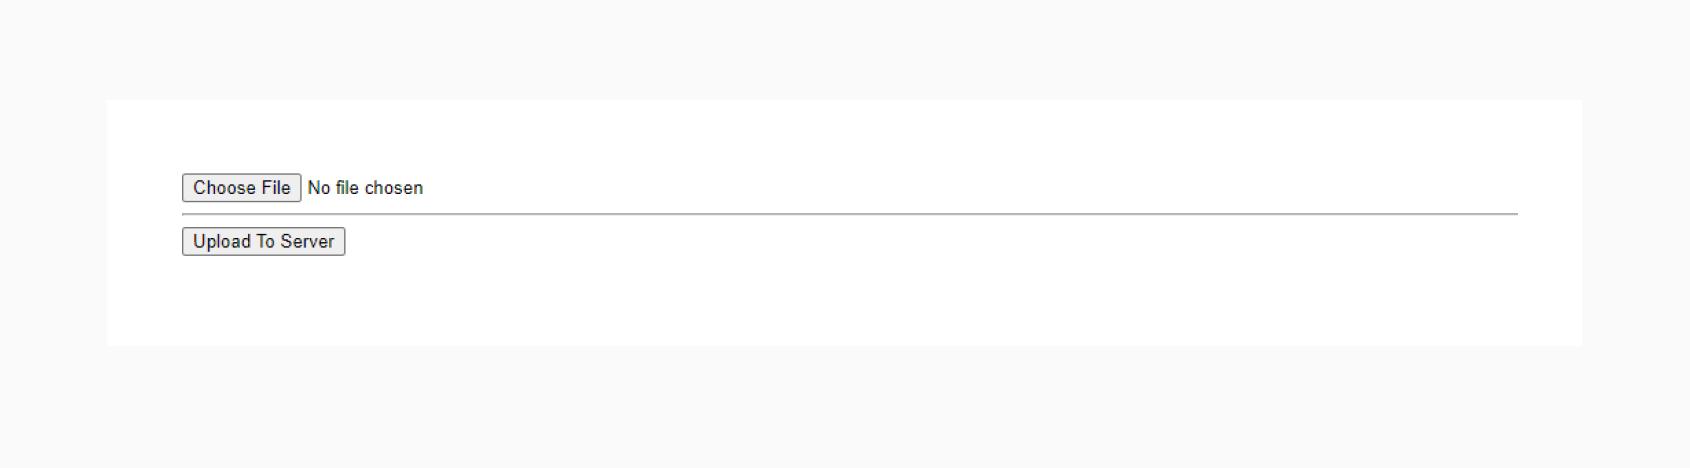 HTML5 uploader interface